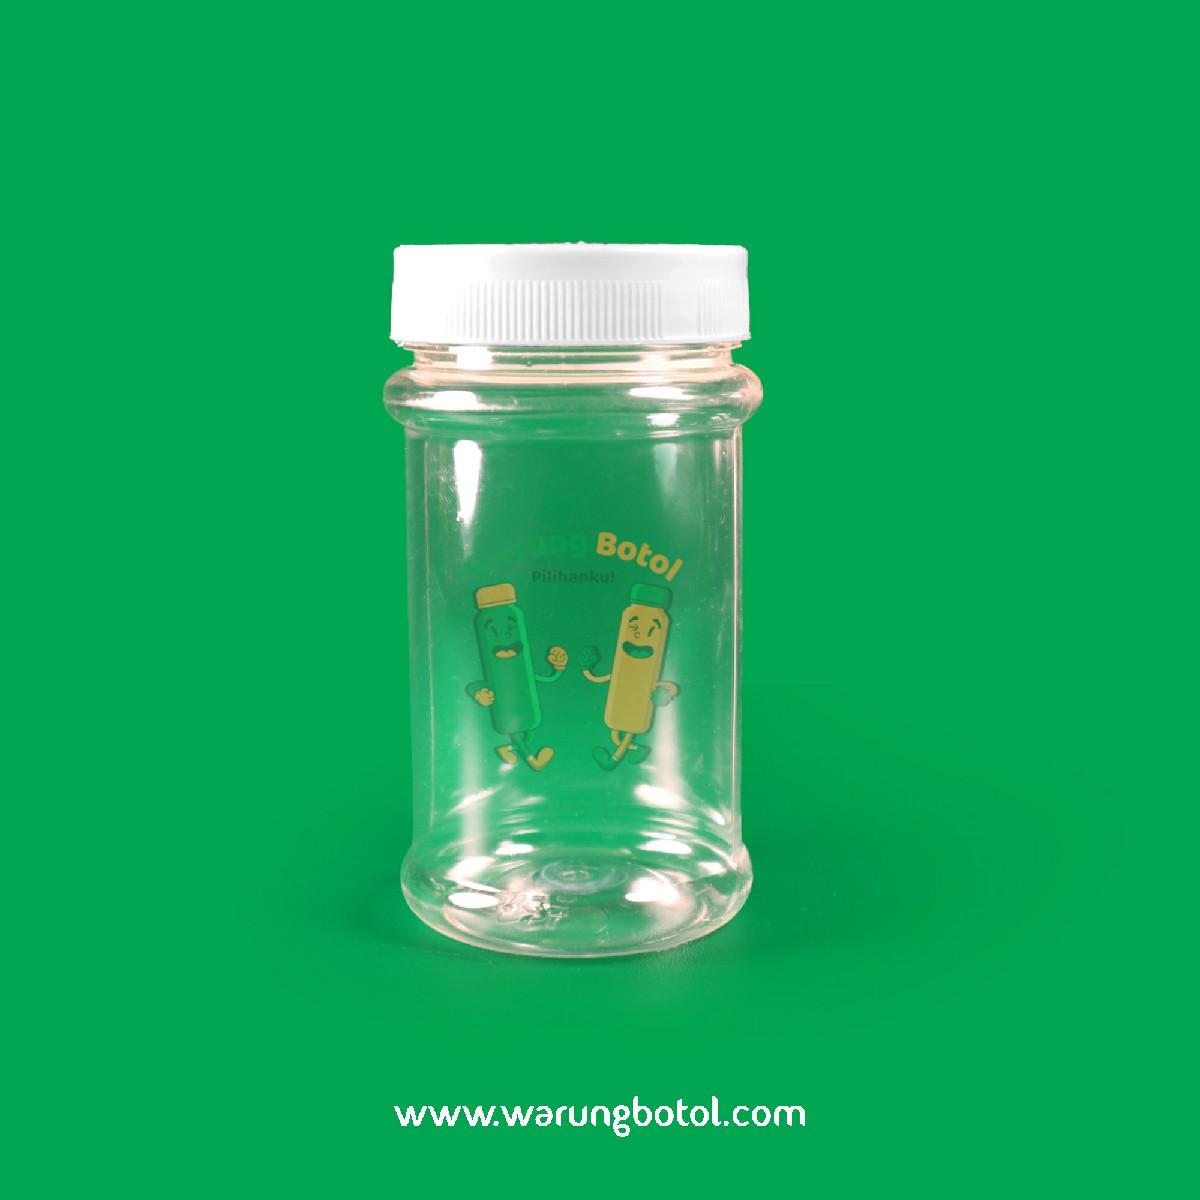 distributor toko jual toples botol plastik sambal kotak 220ml silinder murah untuk sambel terdekat di bandung, jakarta, bekasi, bogor